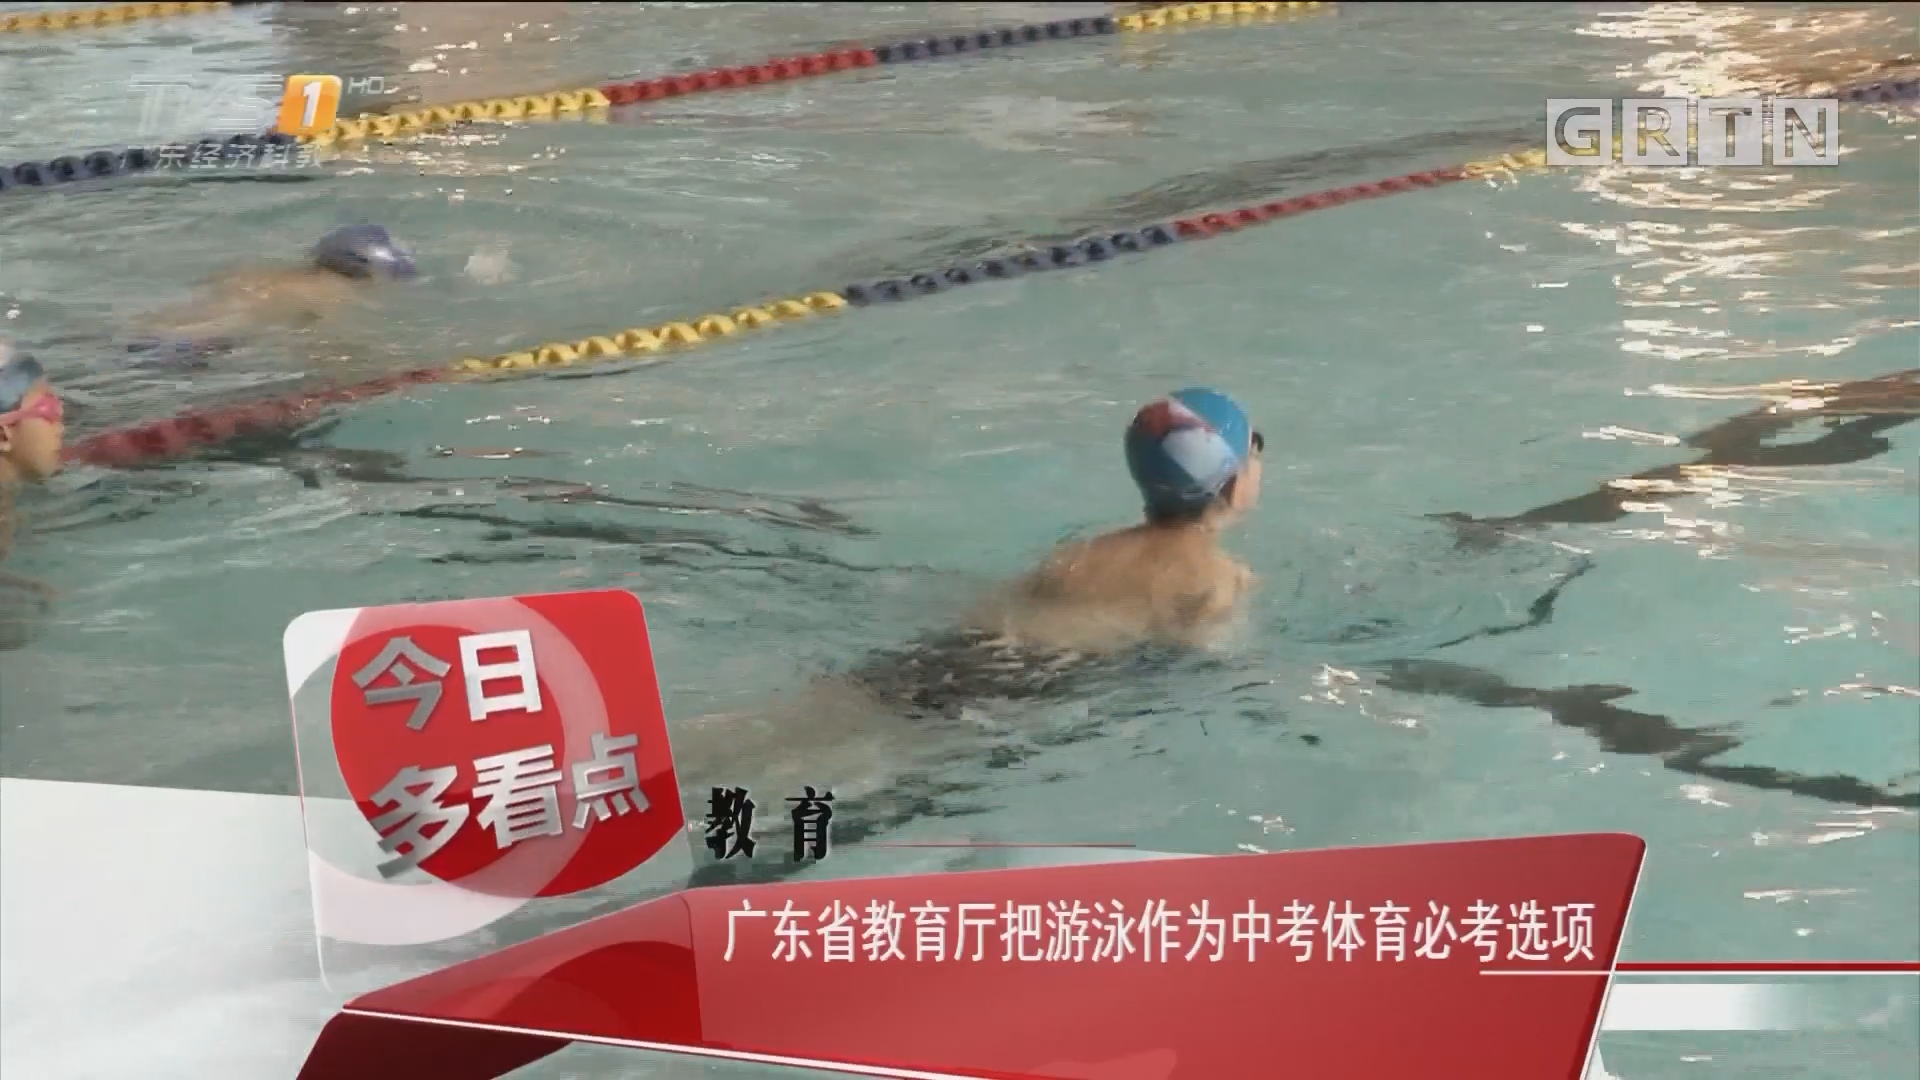 教育:广东省教育厅把游泳作为中考体育必考选项